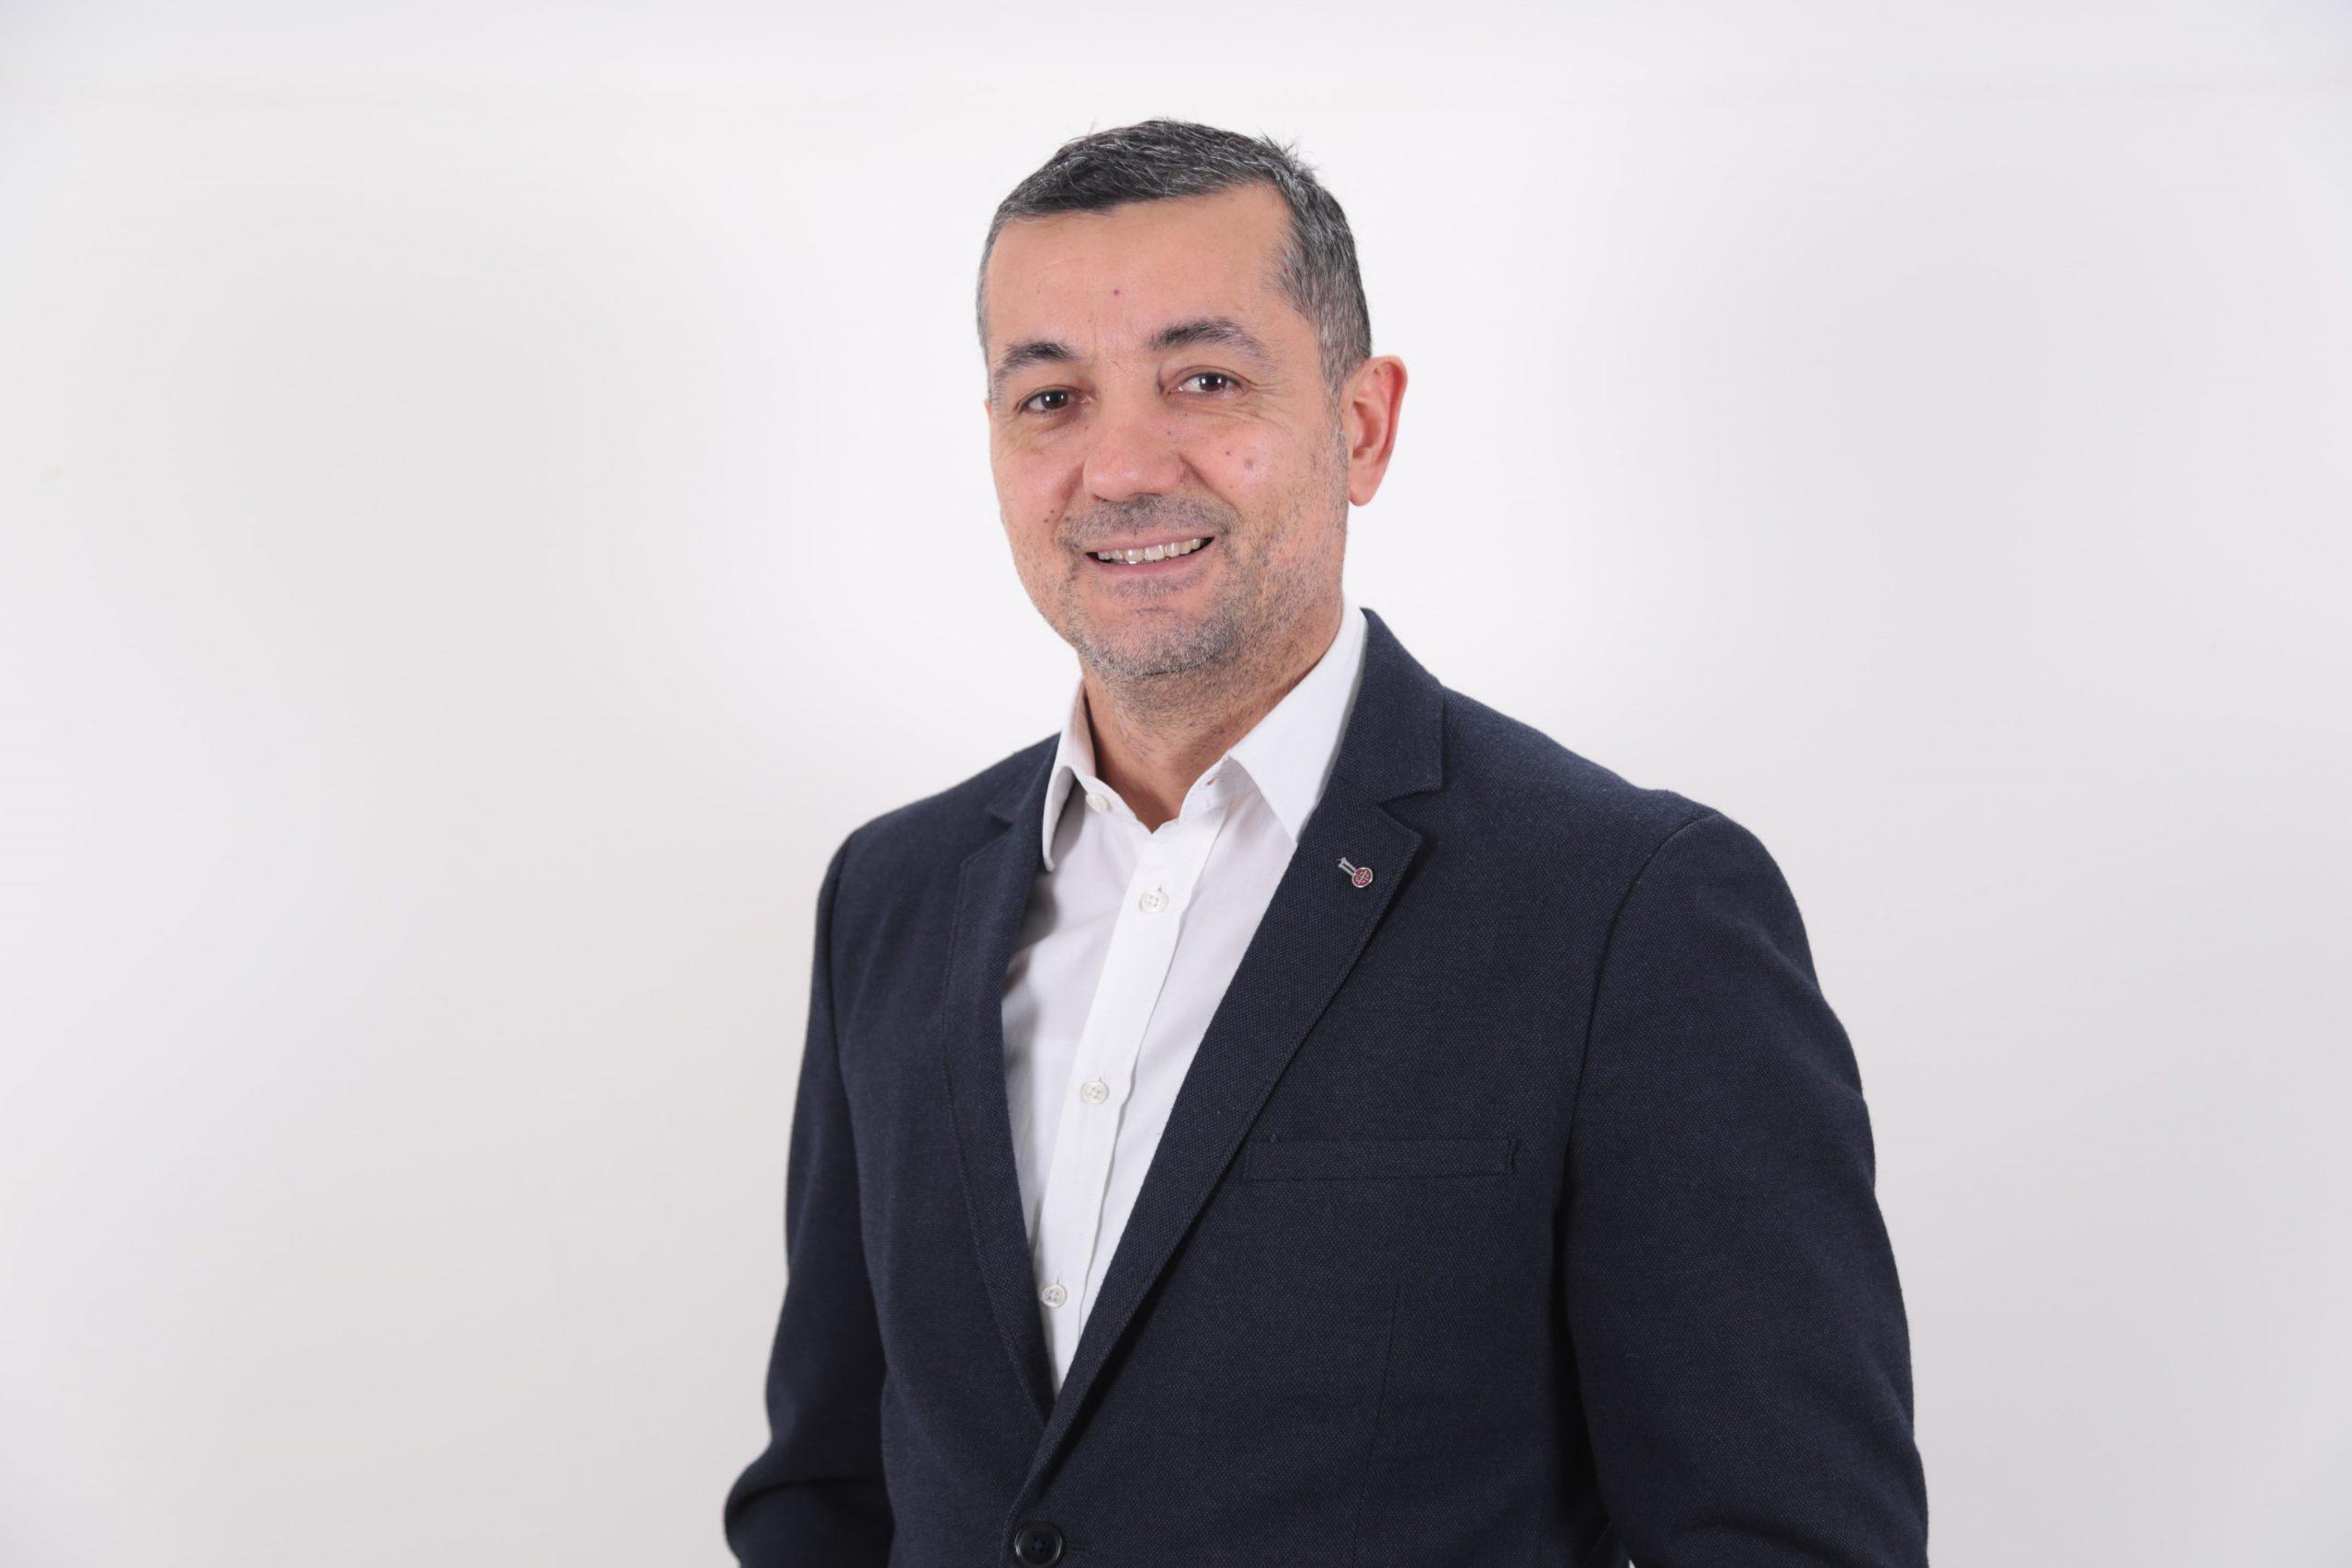 Zhilbert Tafa